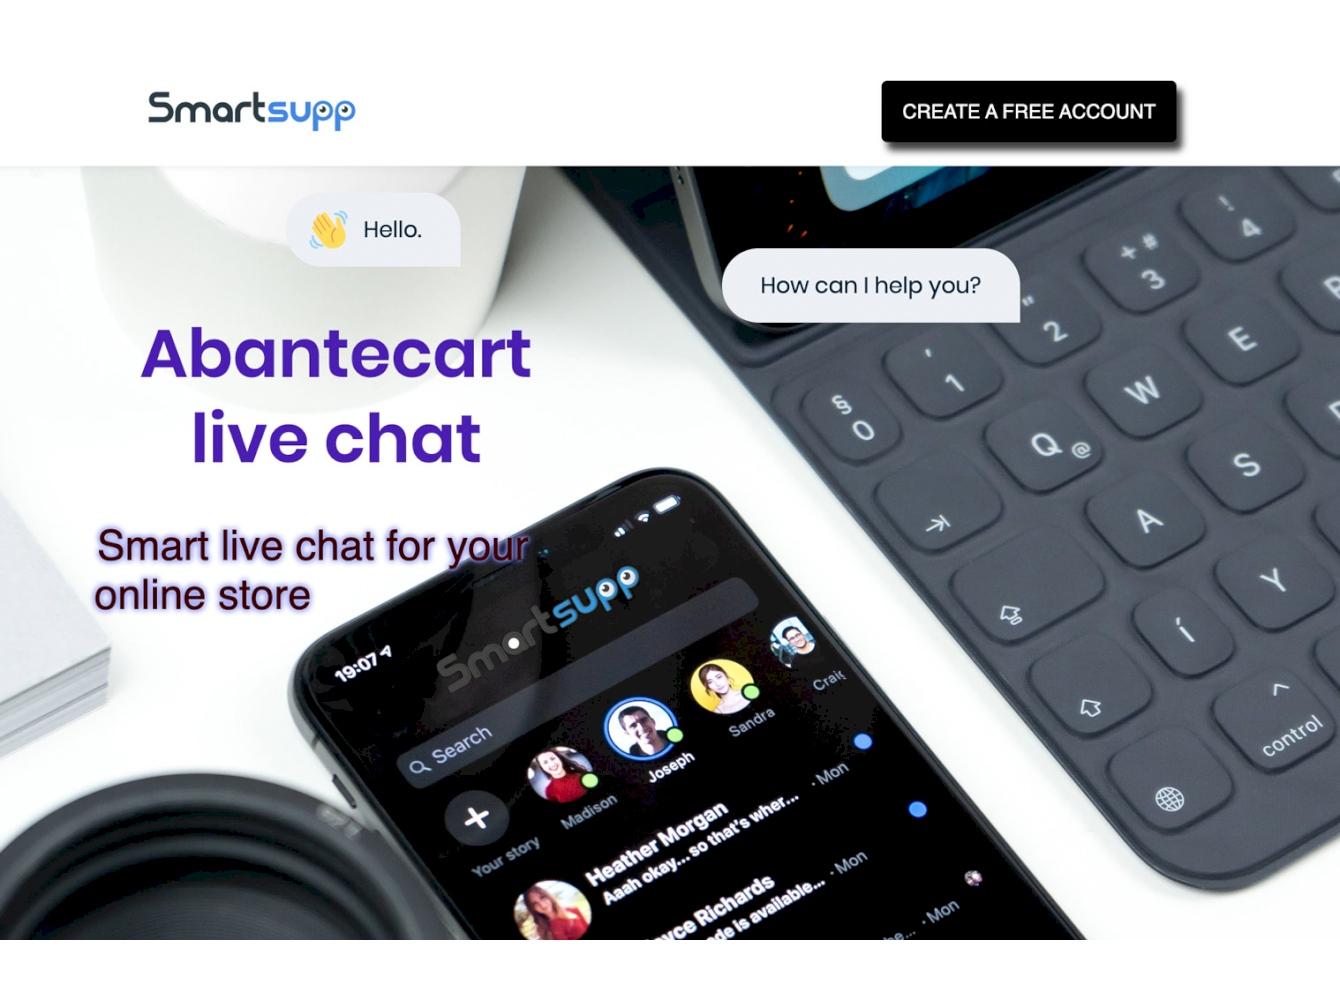 Smartsupp chat abantecart